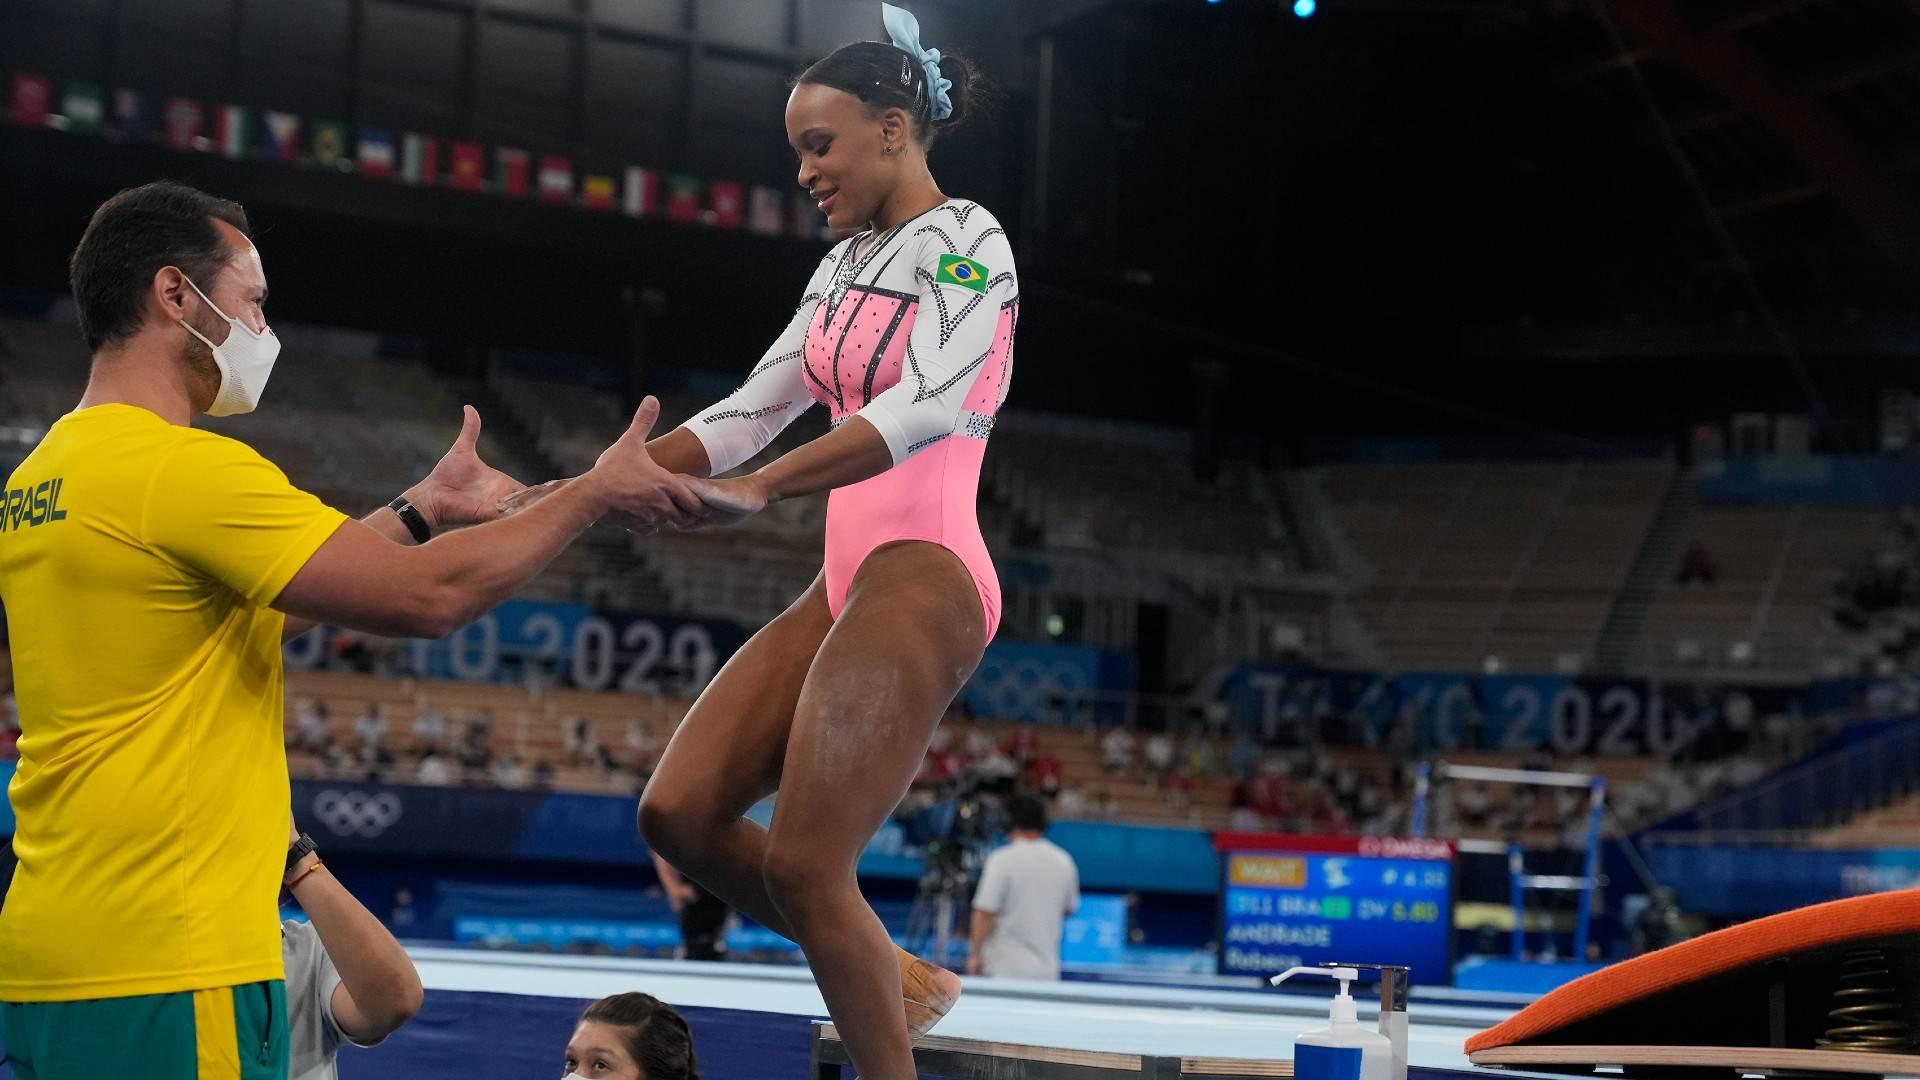 Após dois saltos bem executados, Rebeca Andrade cumprimenta seu treinador